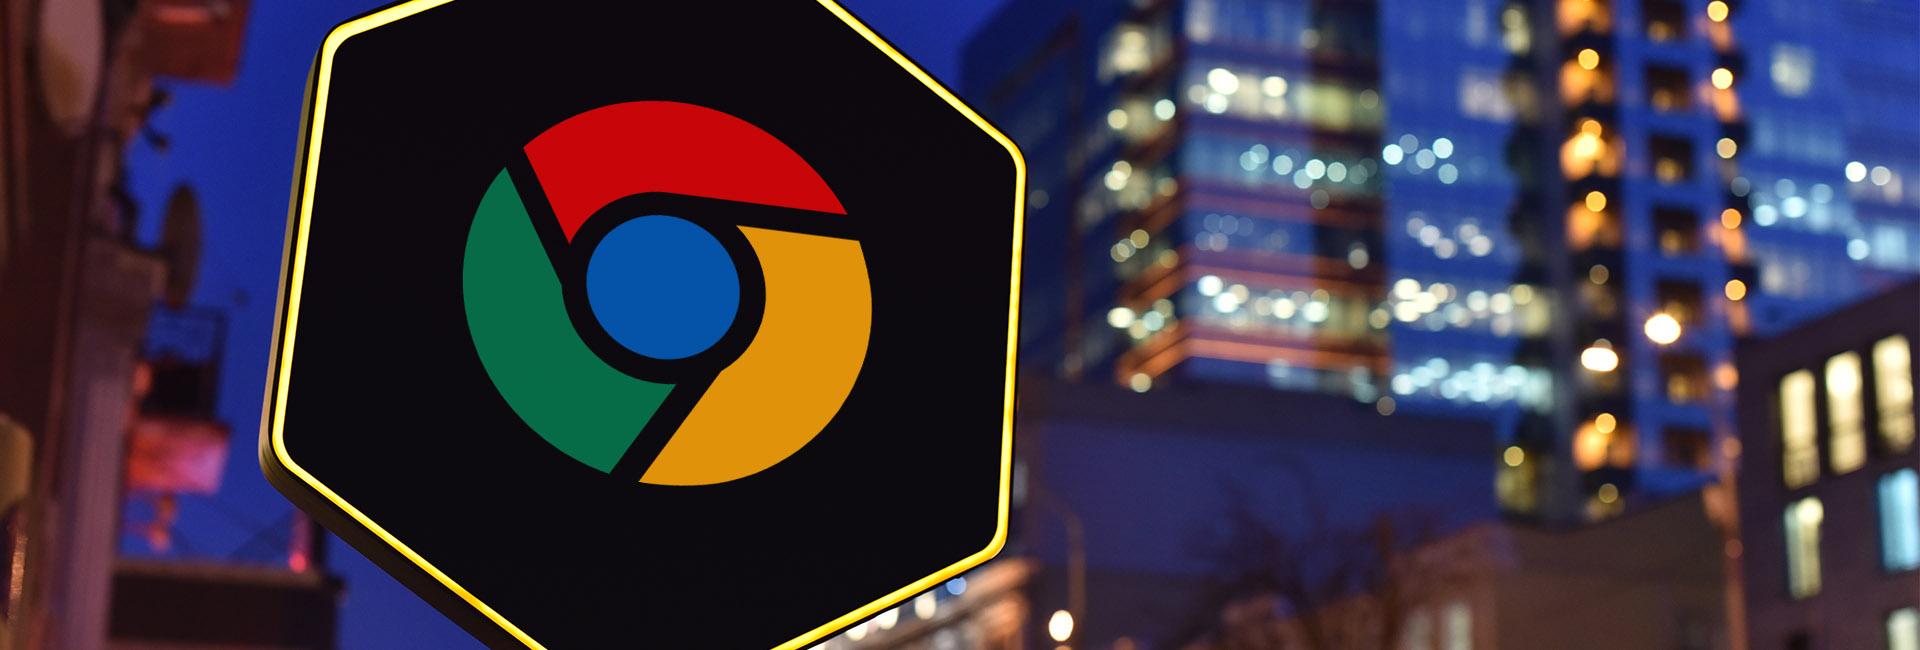 Connaissez-vous toutes les|| possibilités de Google Chrome ?